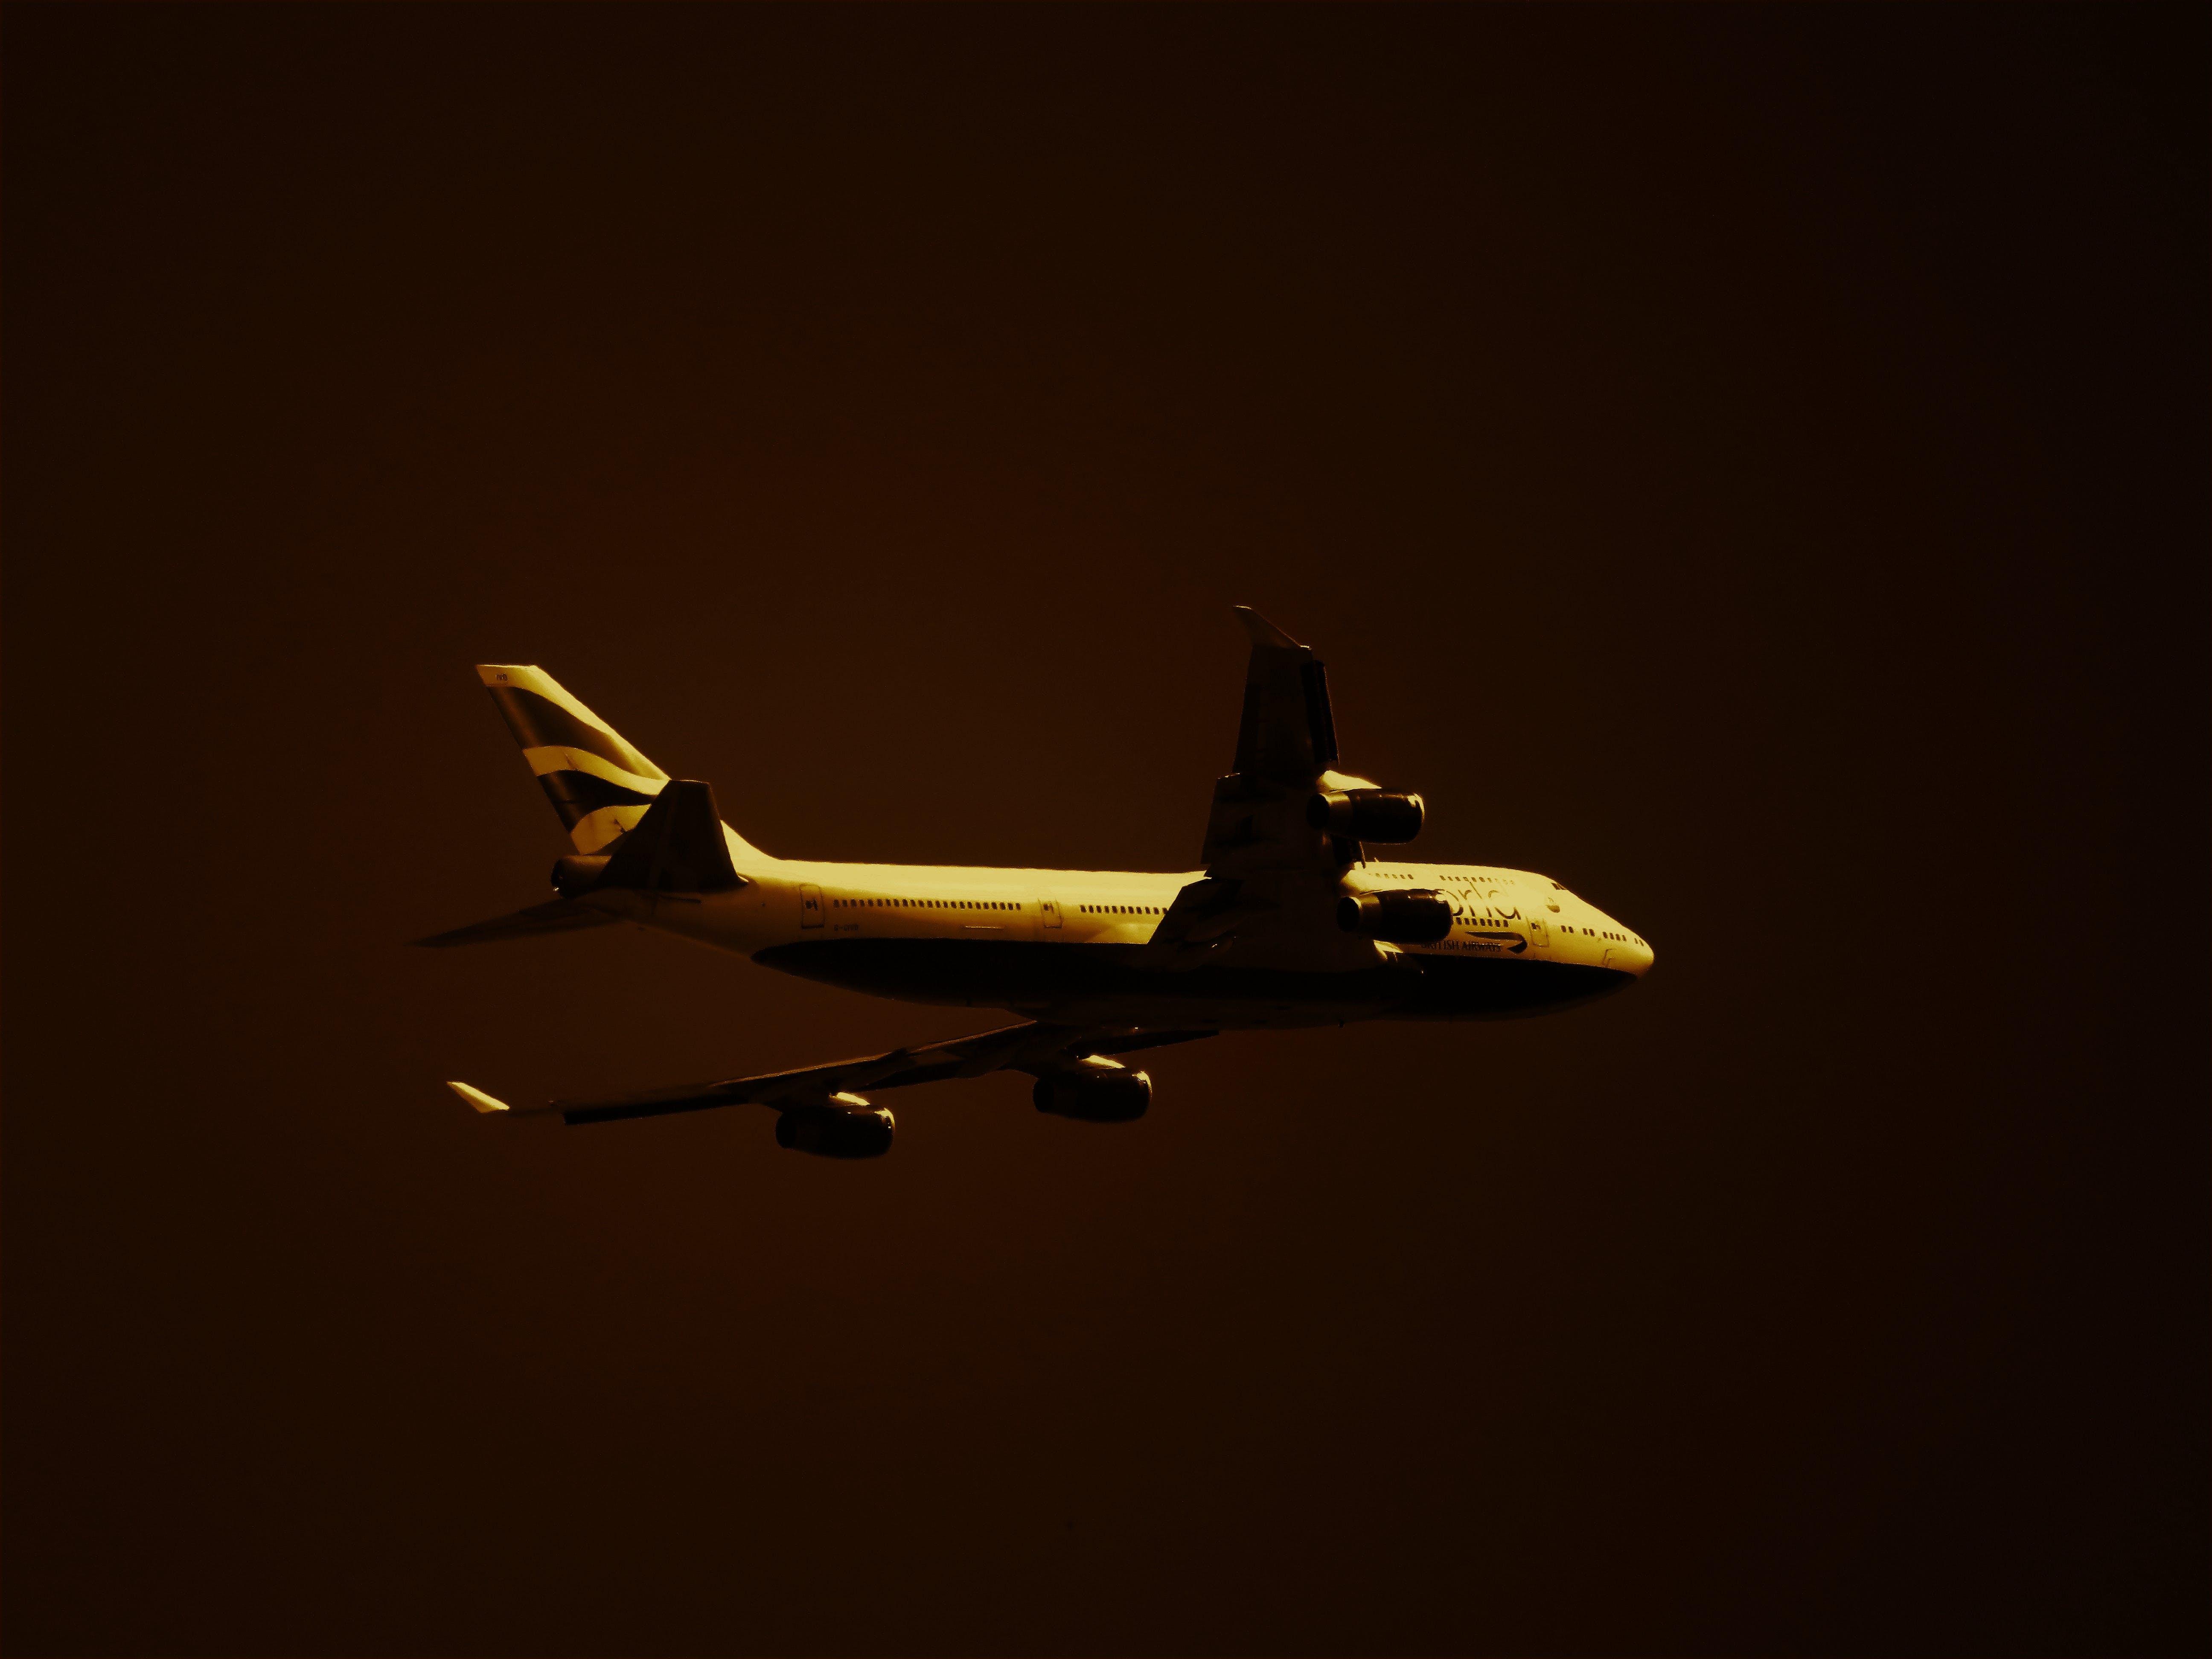 Δωρεάν στοκ φωτογραφιών με aviate, αεριωθούμενο, αεροδρόμιο, αεροπλάνο